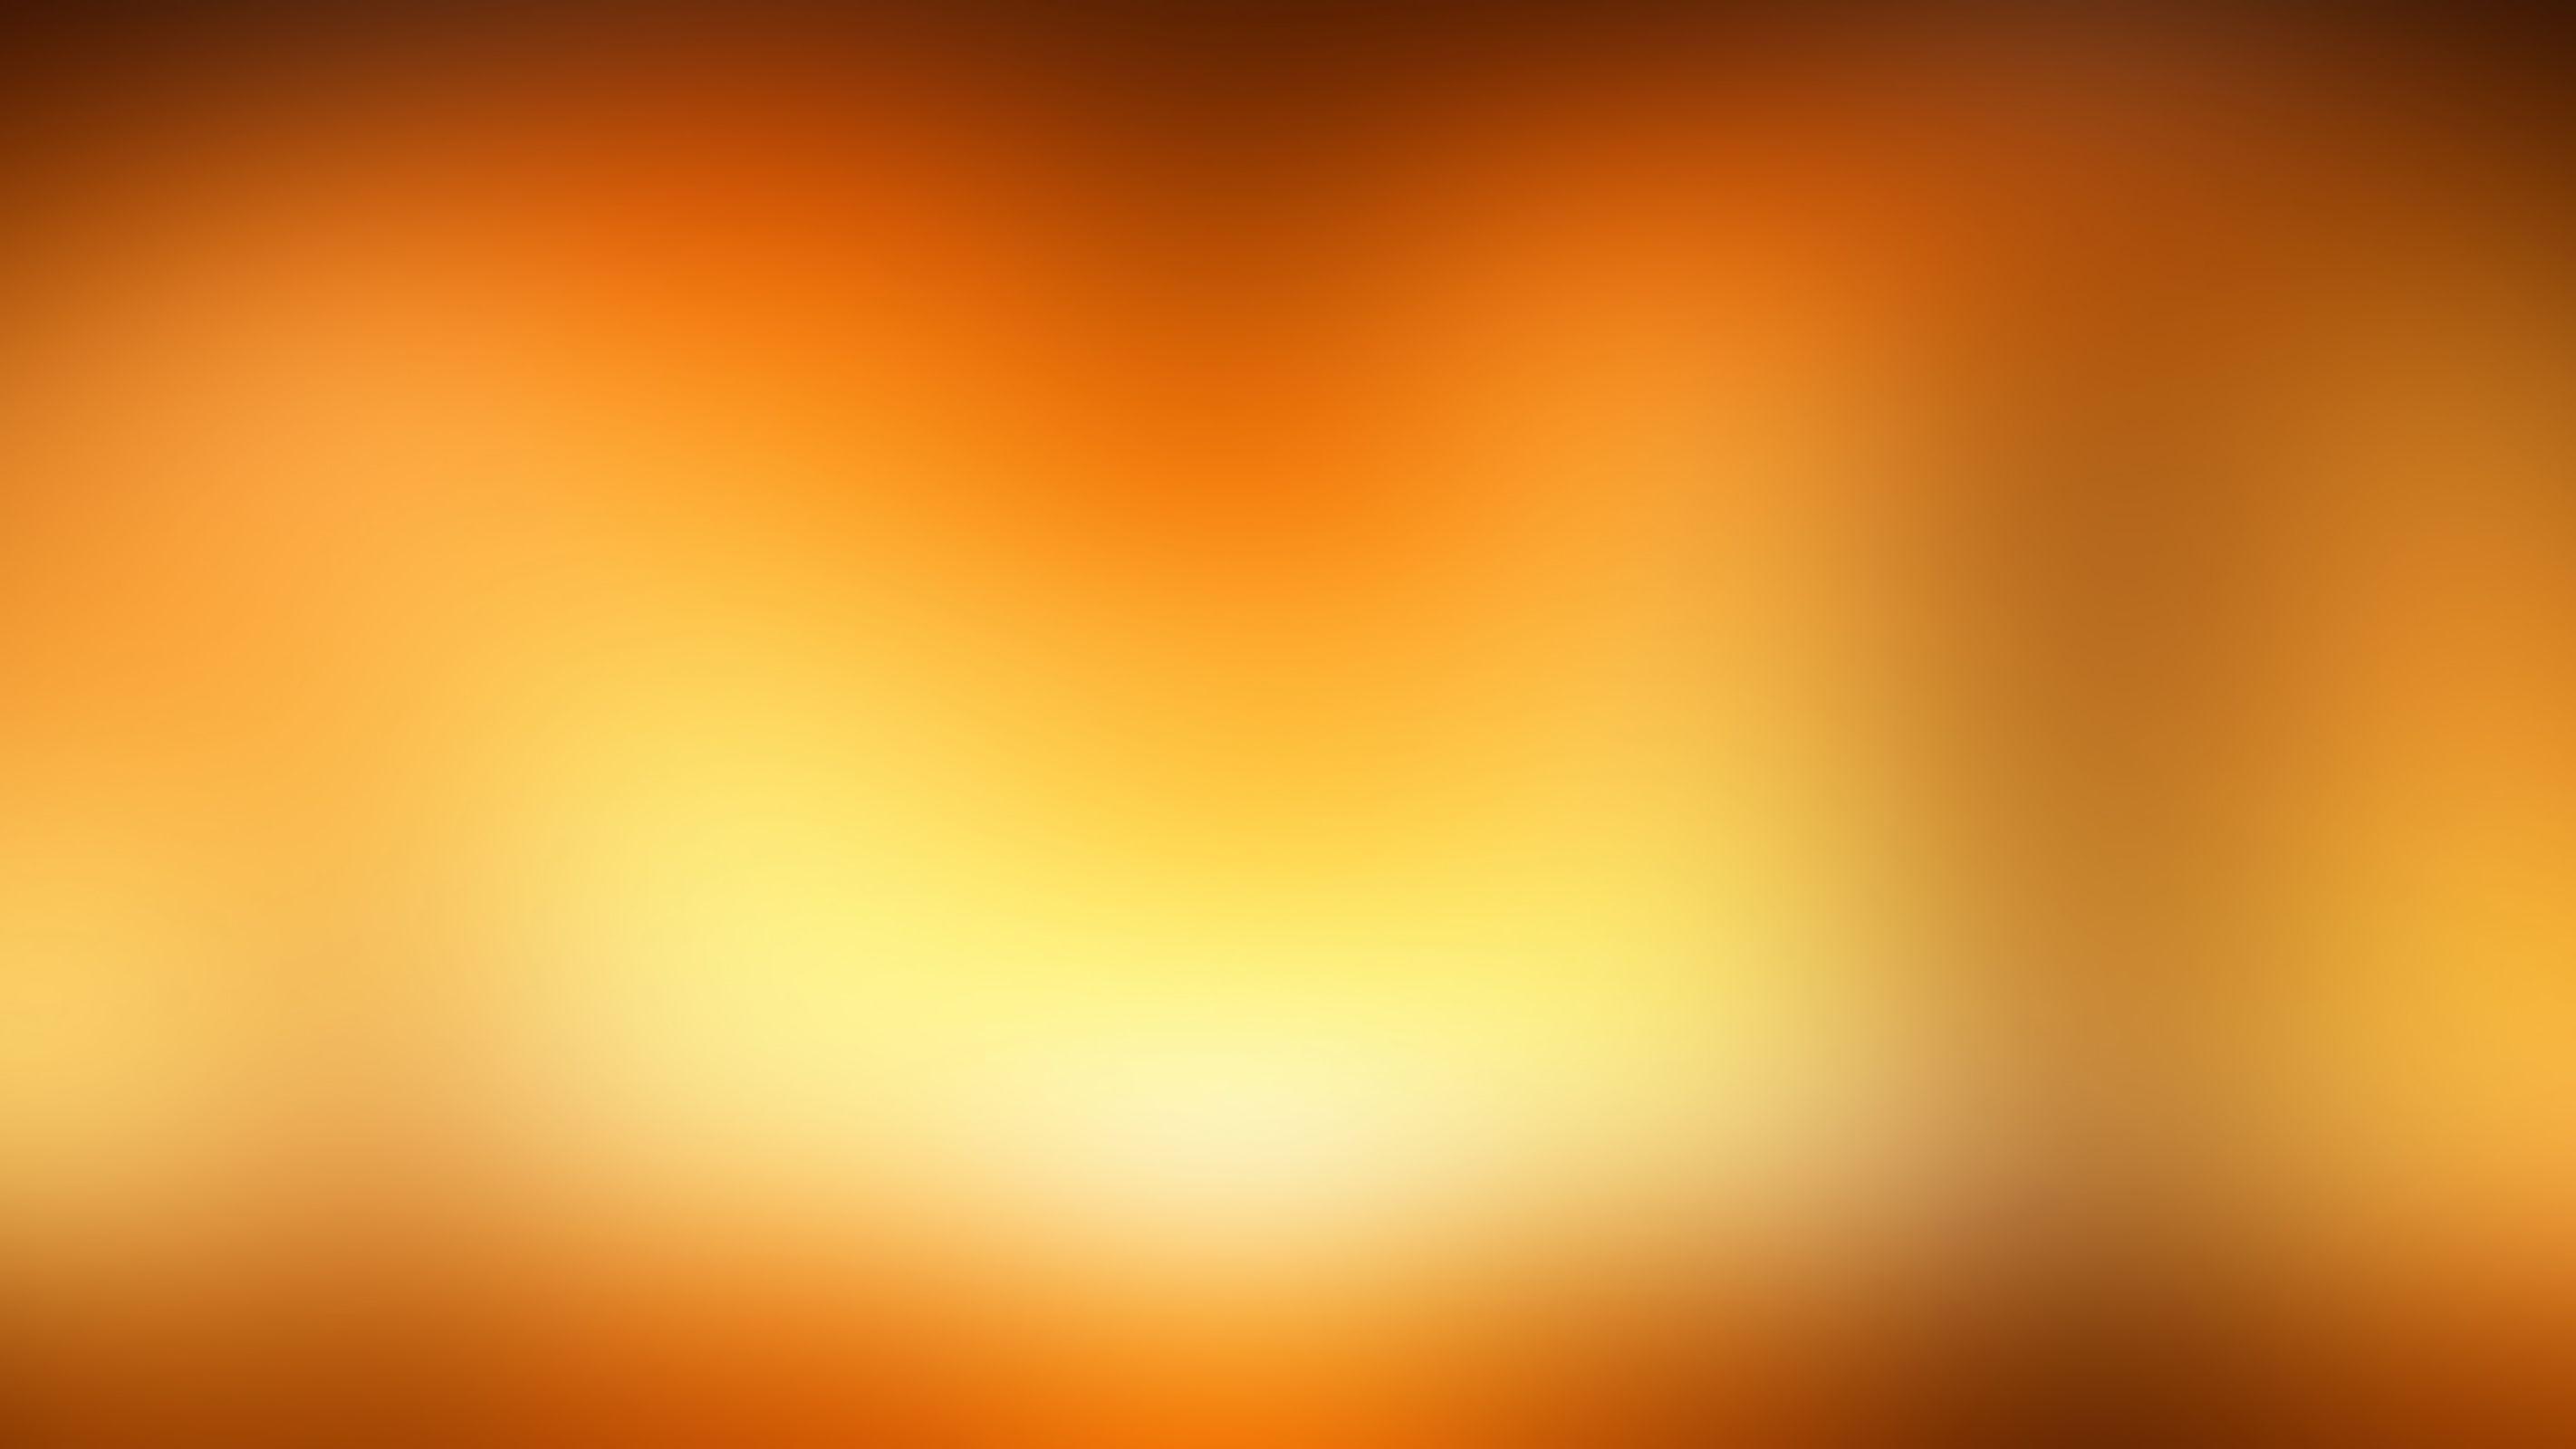 2844x1600 Hình nền màu vàng cam